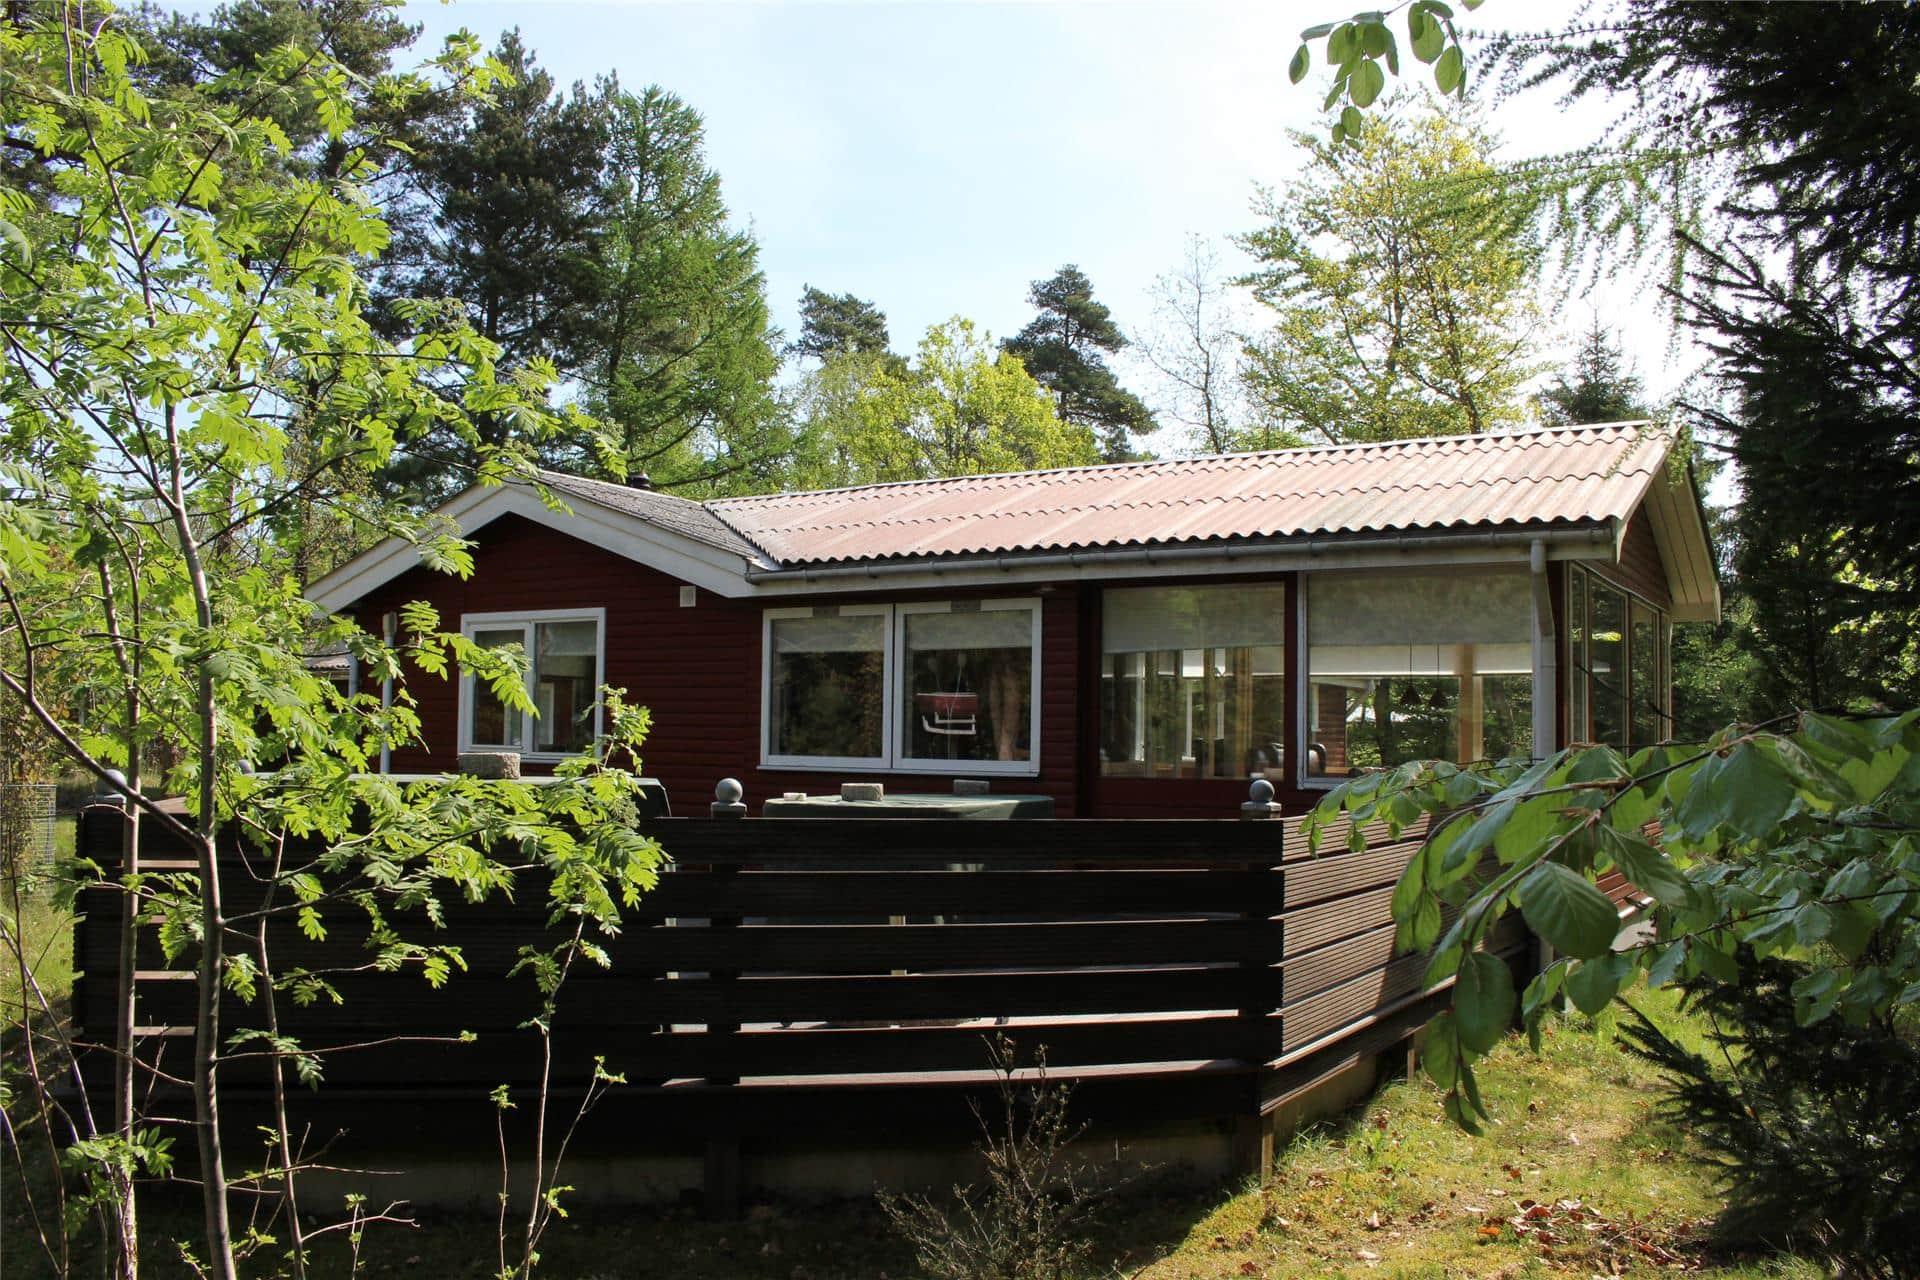 Image 1-17 Holiday-home 10026, Rønnebærvej 9, DK - 4500 Nykøbing Sj